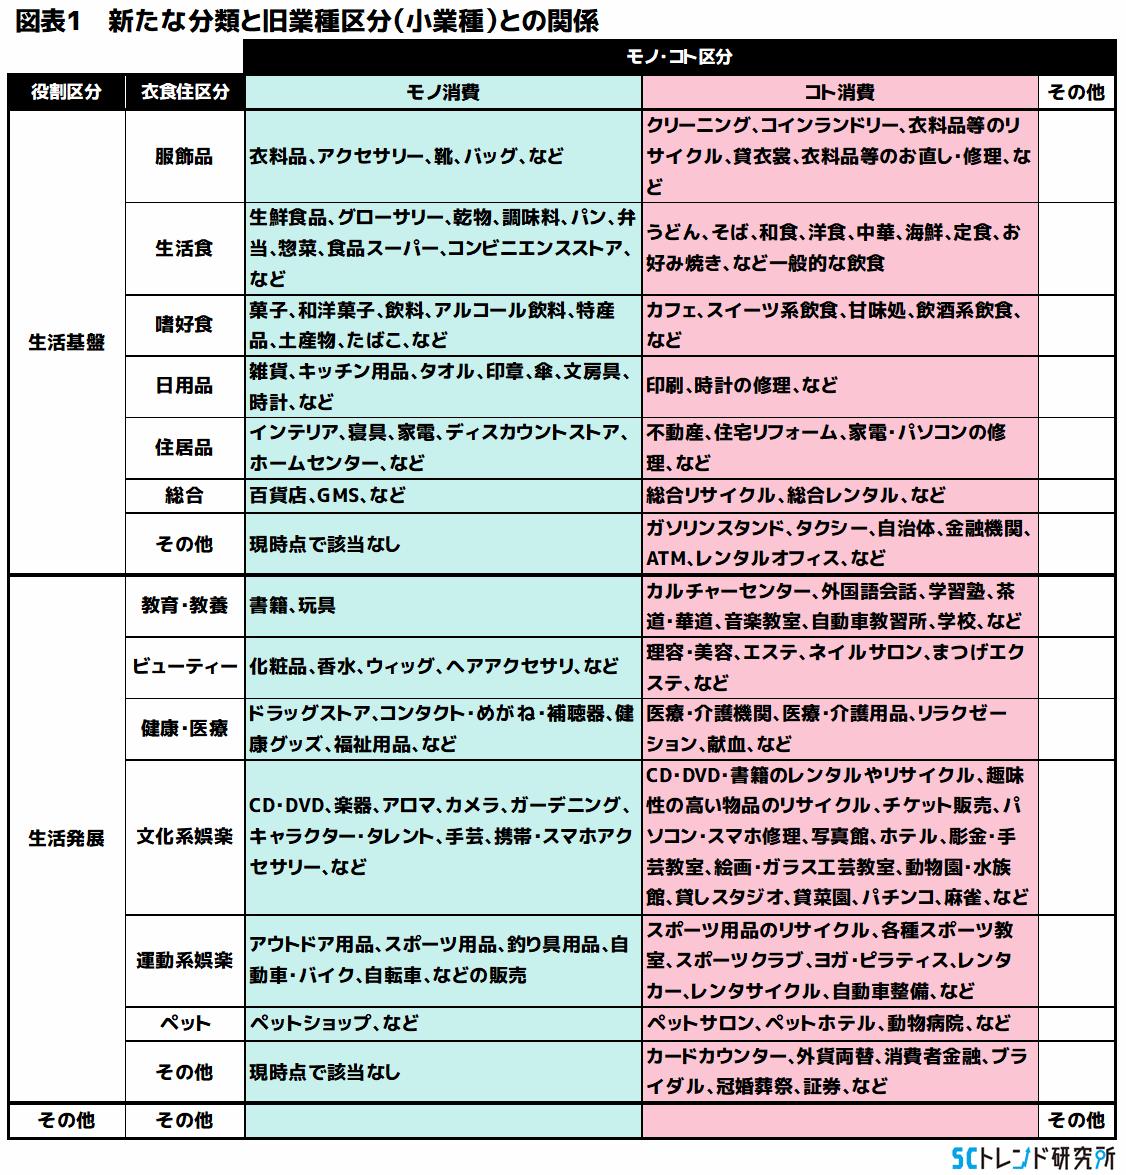 図表1 新たな分類と旧業種区分(小業種)との関係